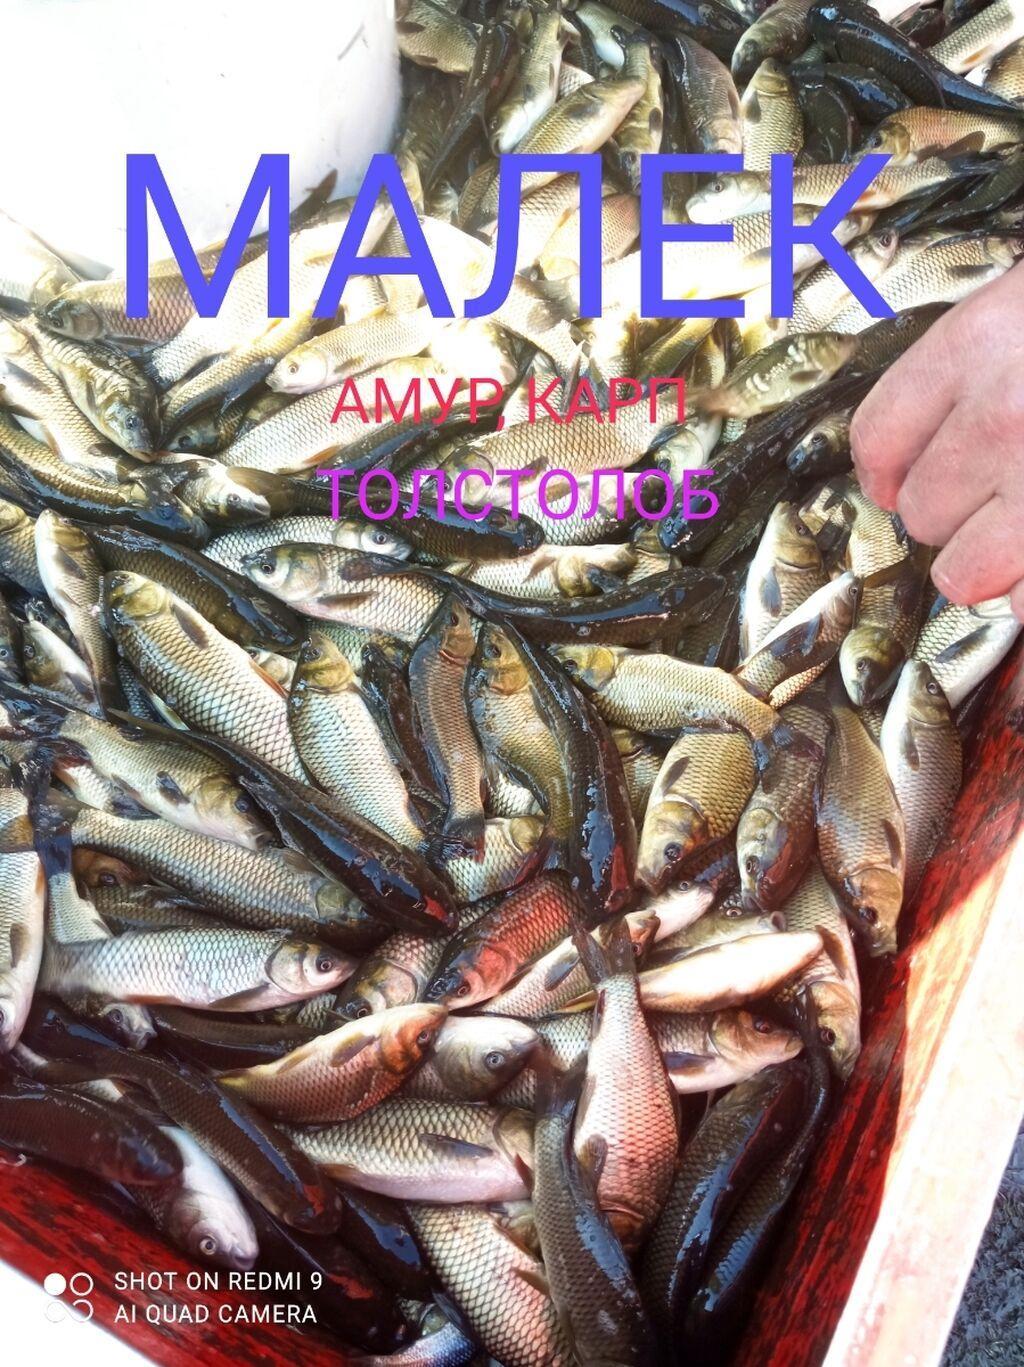 Малек, малек-сигалетки; оптом и врозницу рыба высшего качества   Объявление создано 13 Октябрь 2021 18:21:45   АКВАРИУМЫ: Малек, малек-сигалетки; оптом и врозницу рыба высшего качества